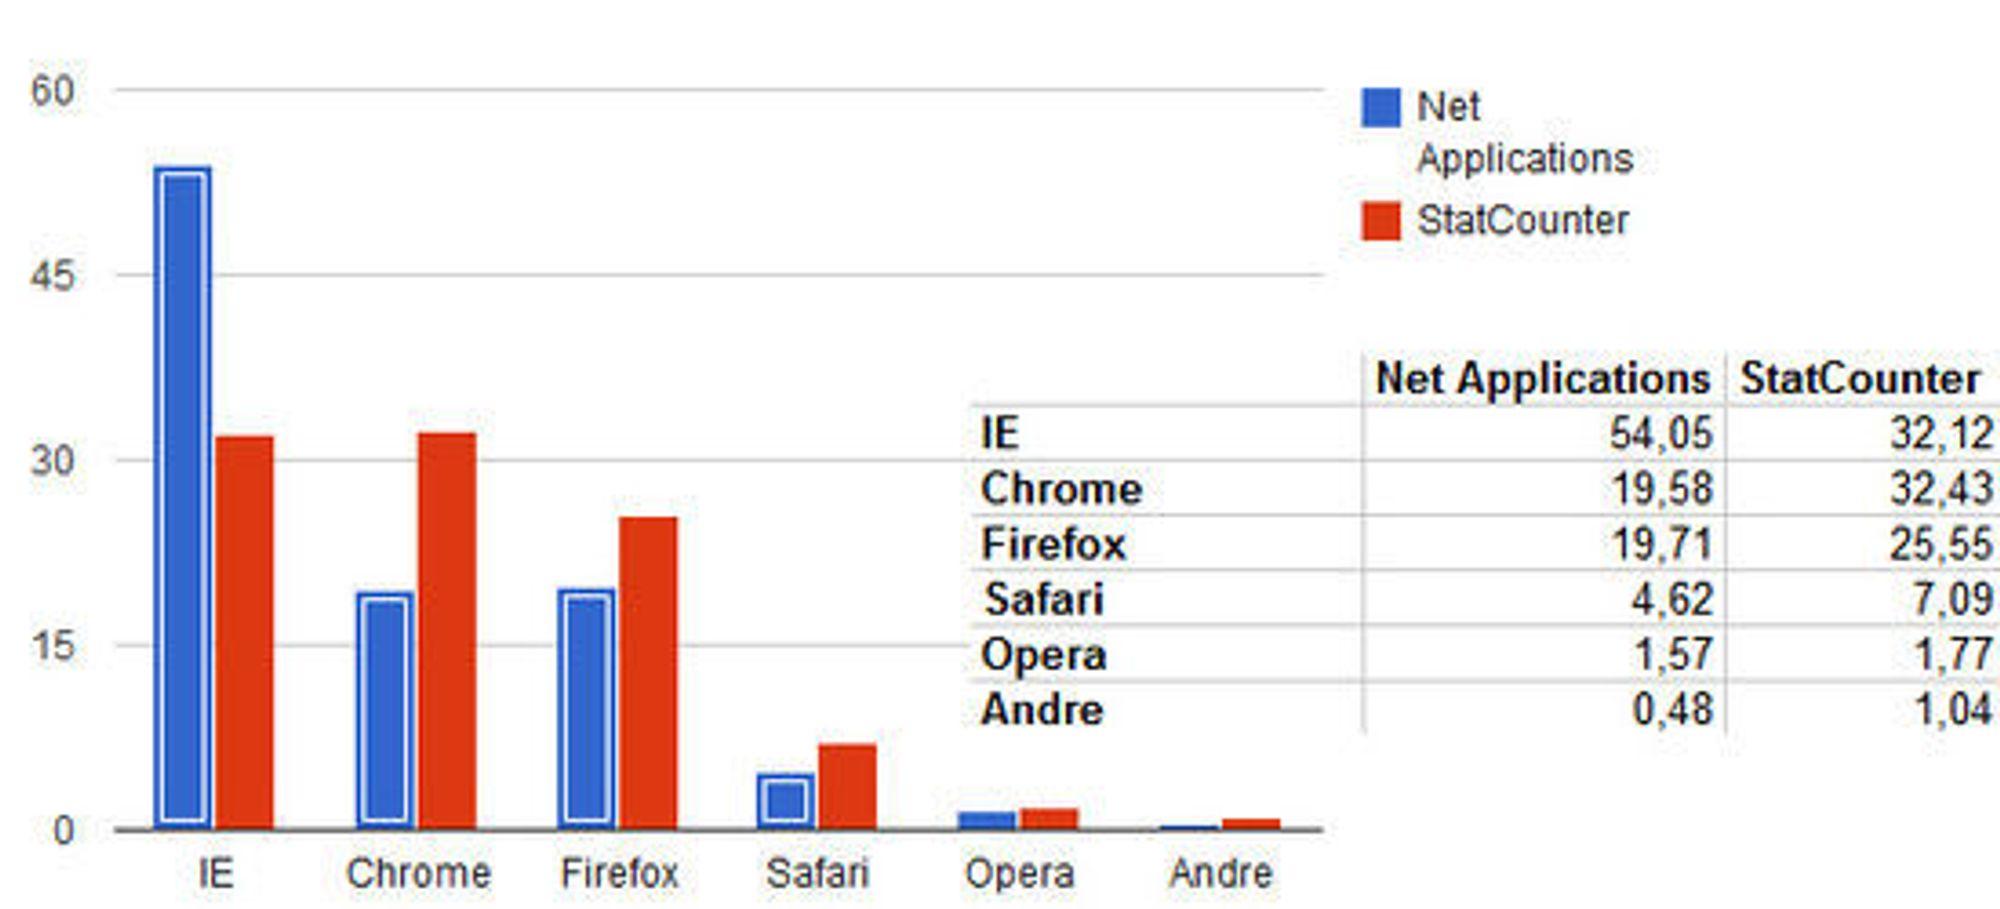 Nettleserandelene i mai 2012, ifølge henholdsvis Net Applications og StatCounter